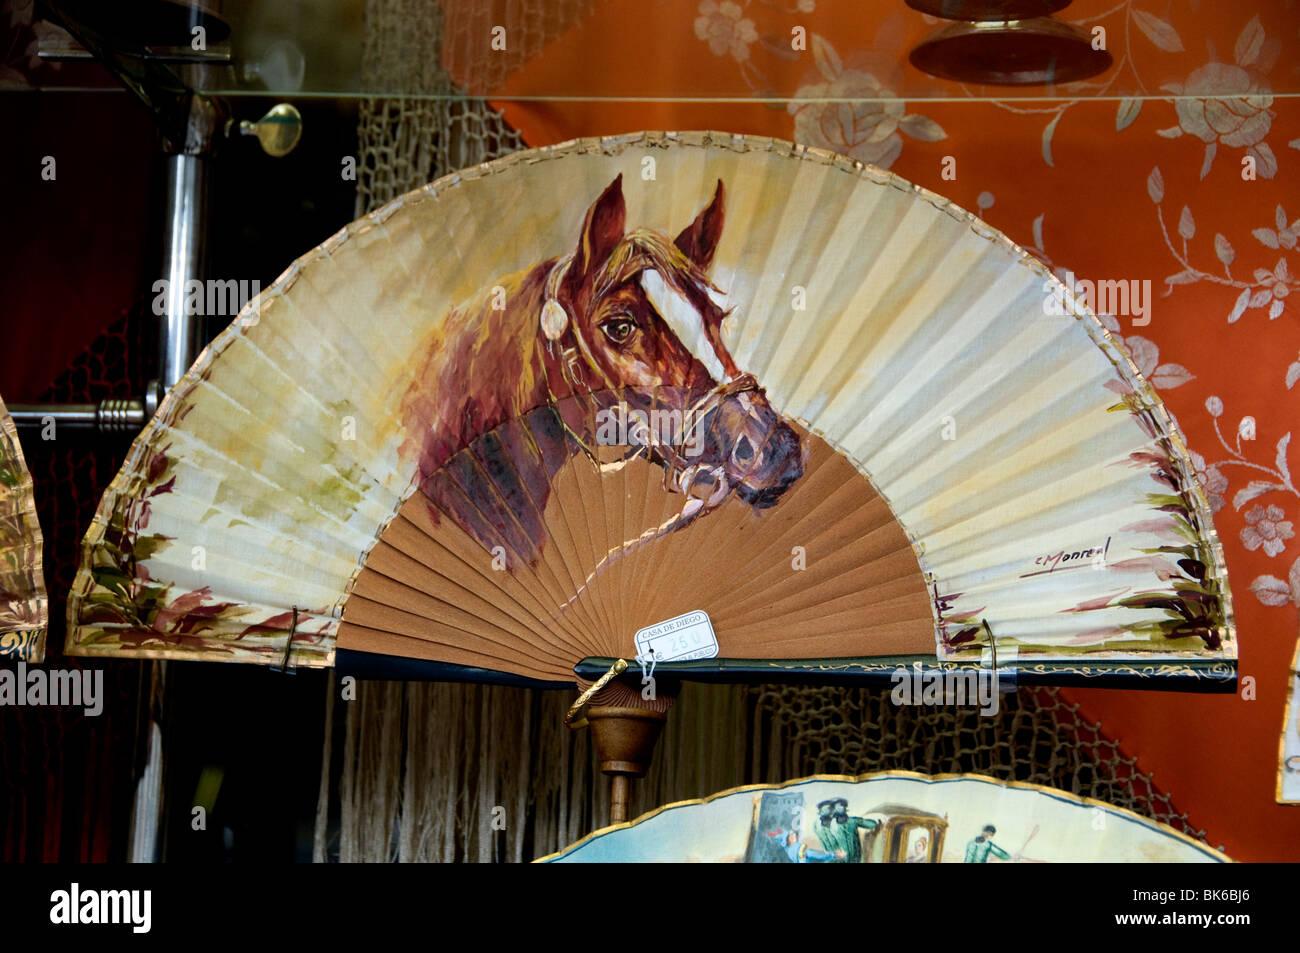 Spagna - Spagnolo Ventole ventola sagomato dipinto artista pittore mano Immagini Stock